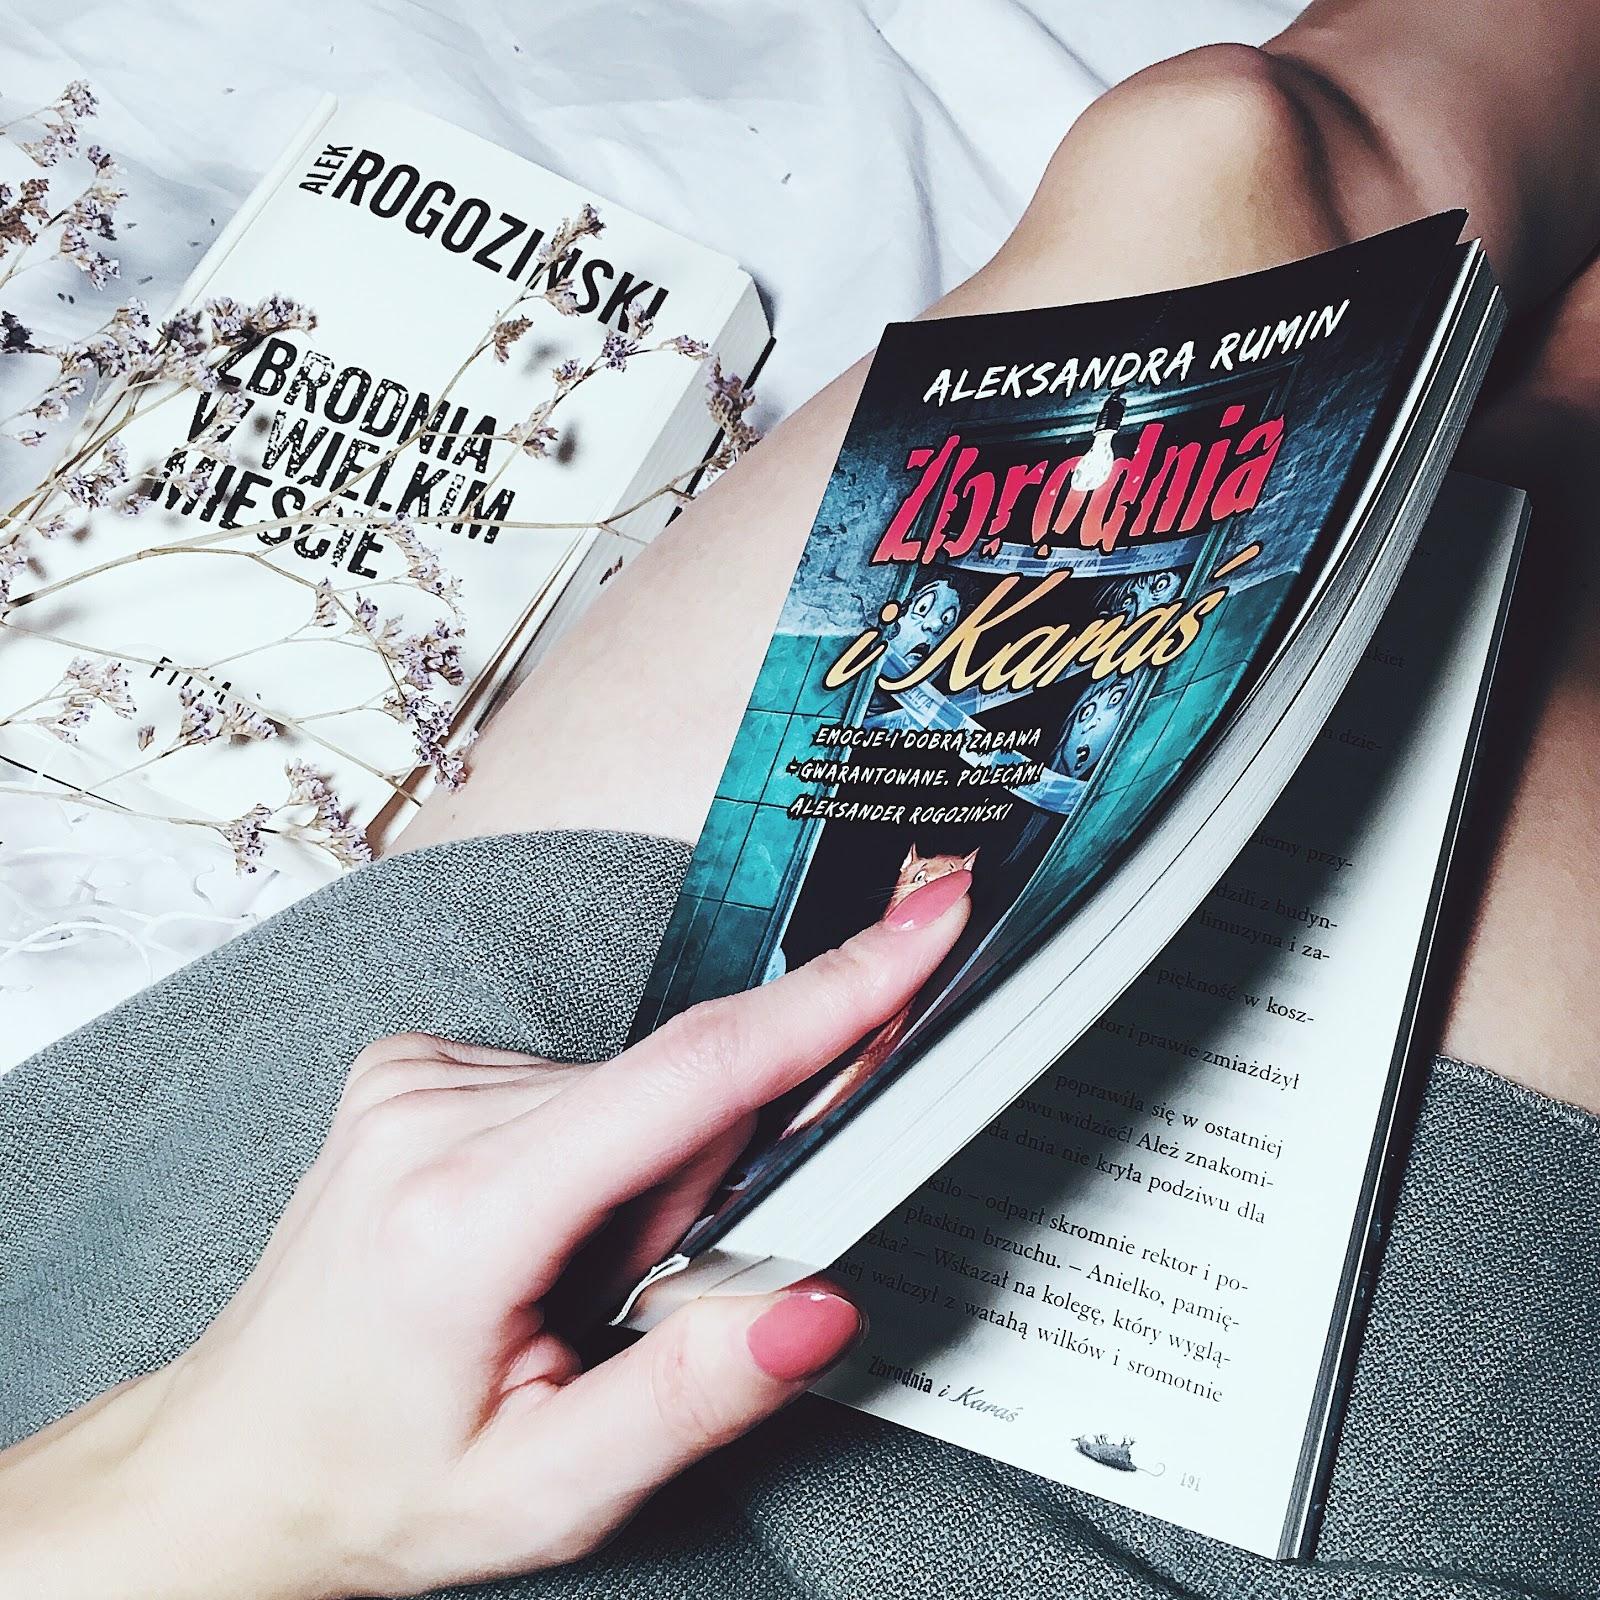 Zbrodnia i Karaś – Aleksandra Rumin. Przedpremierowo